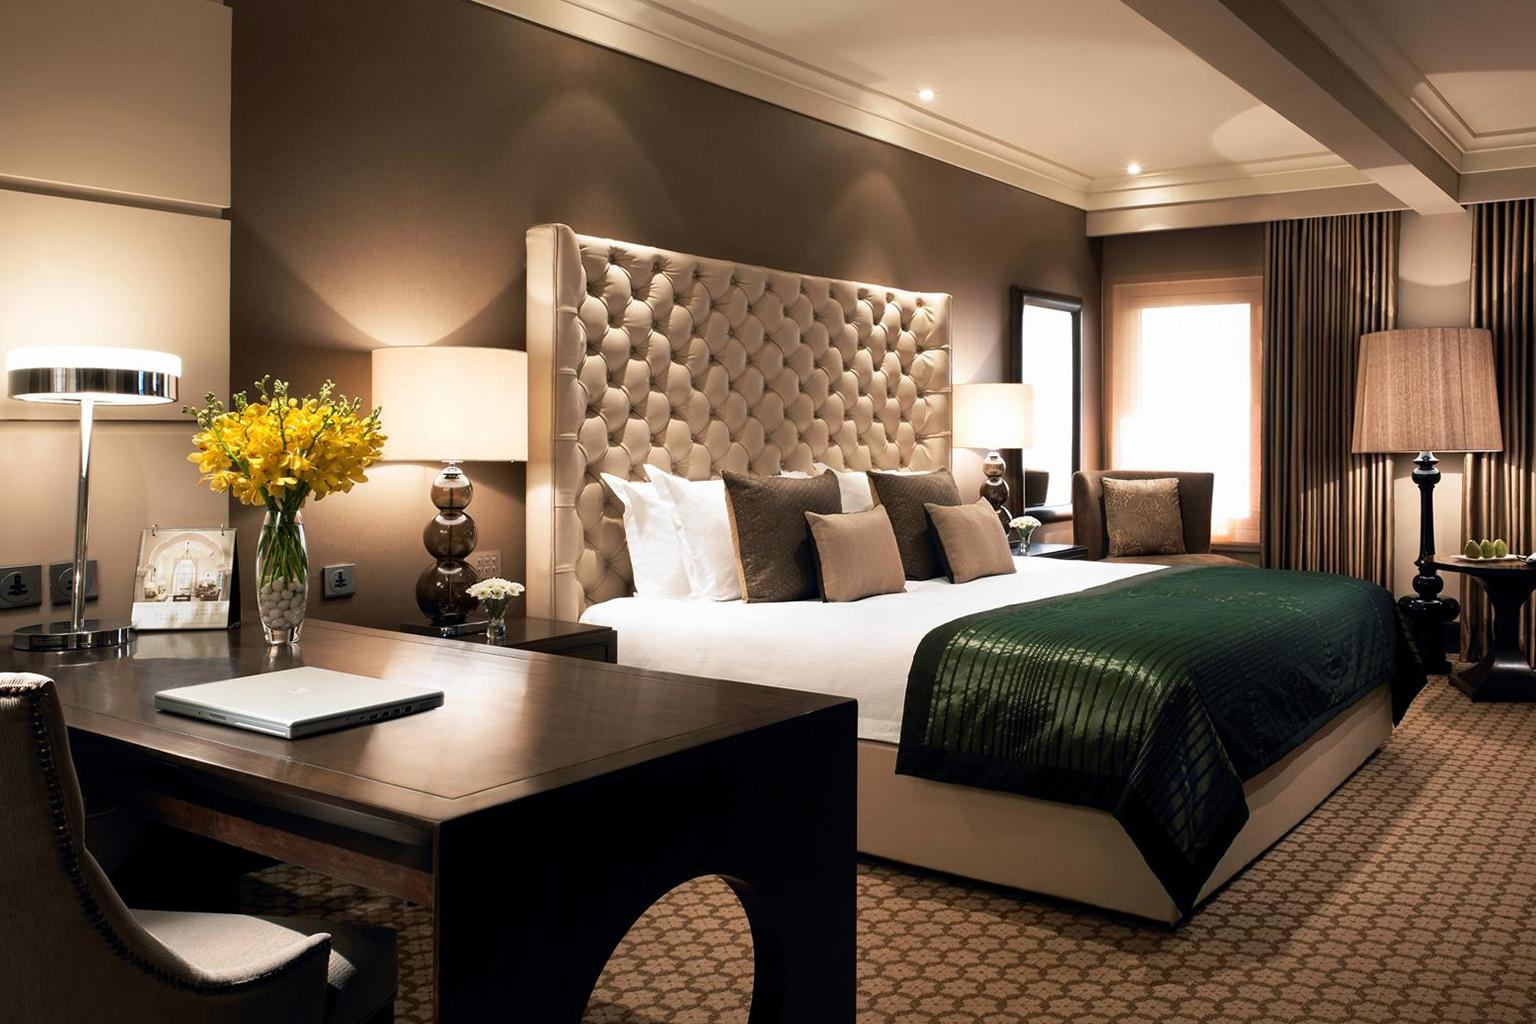 Schlafzimmer Einrichtungen Modern: Modern schlafzimmer kein chaos ...